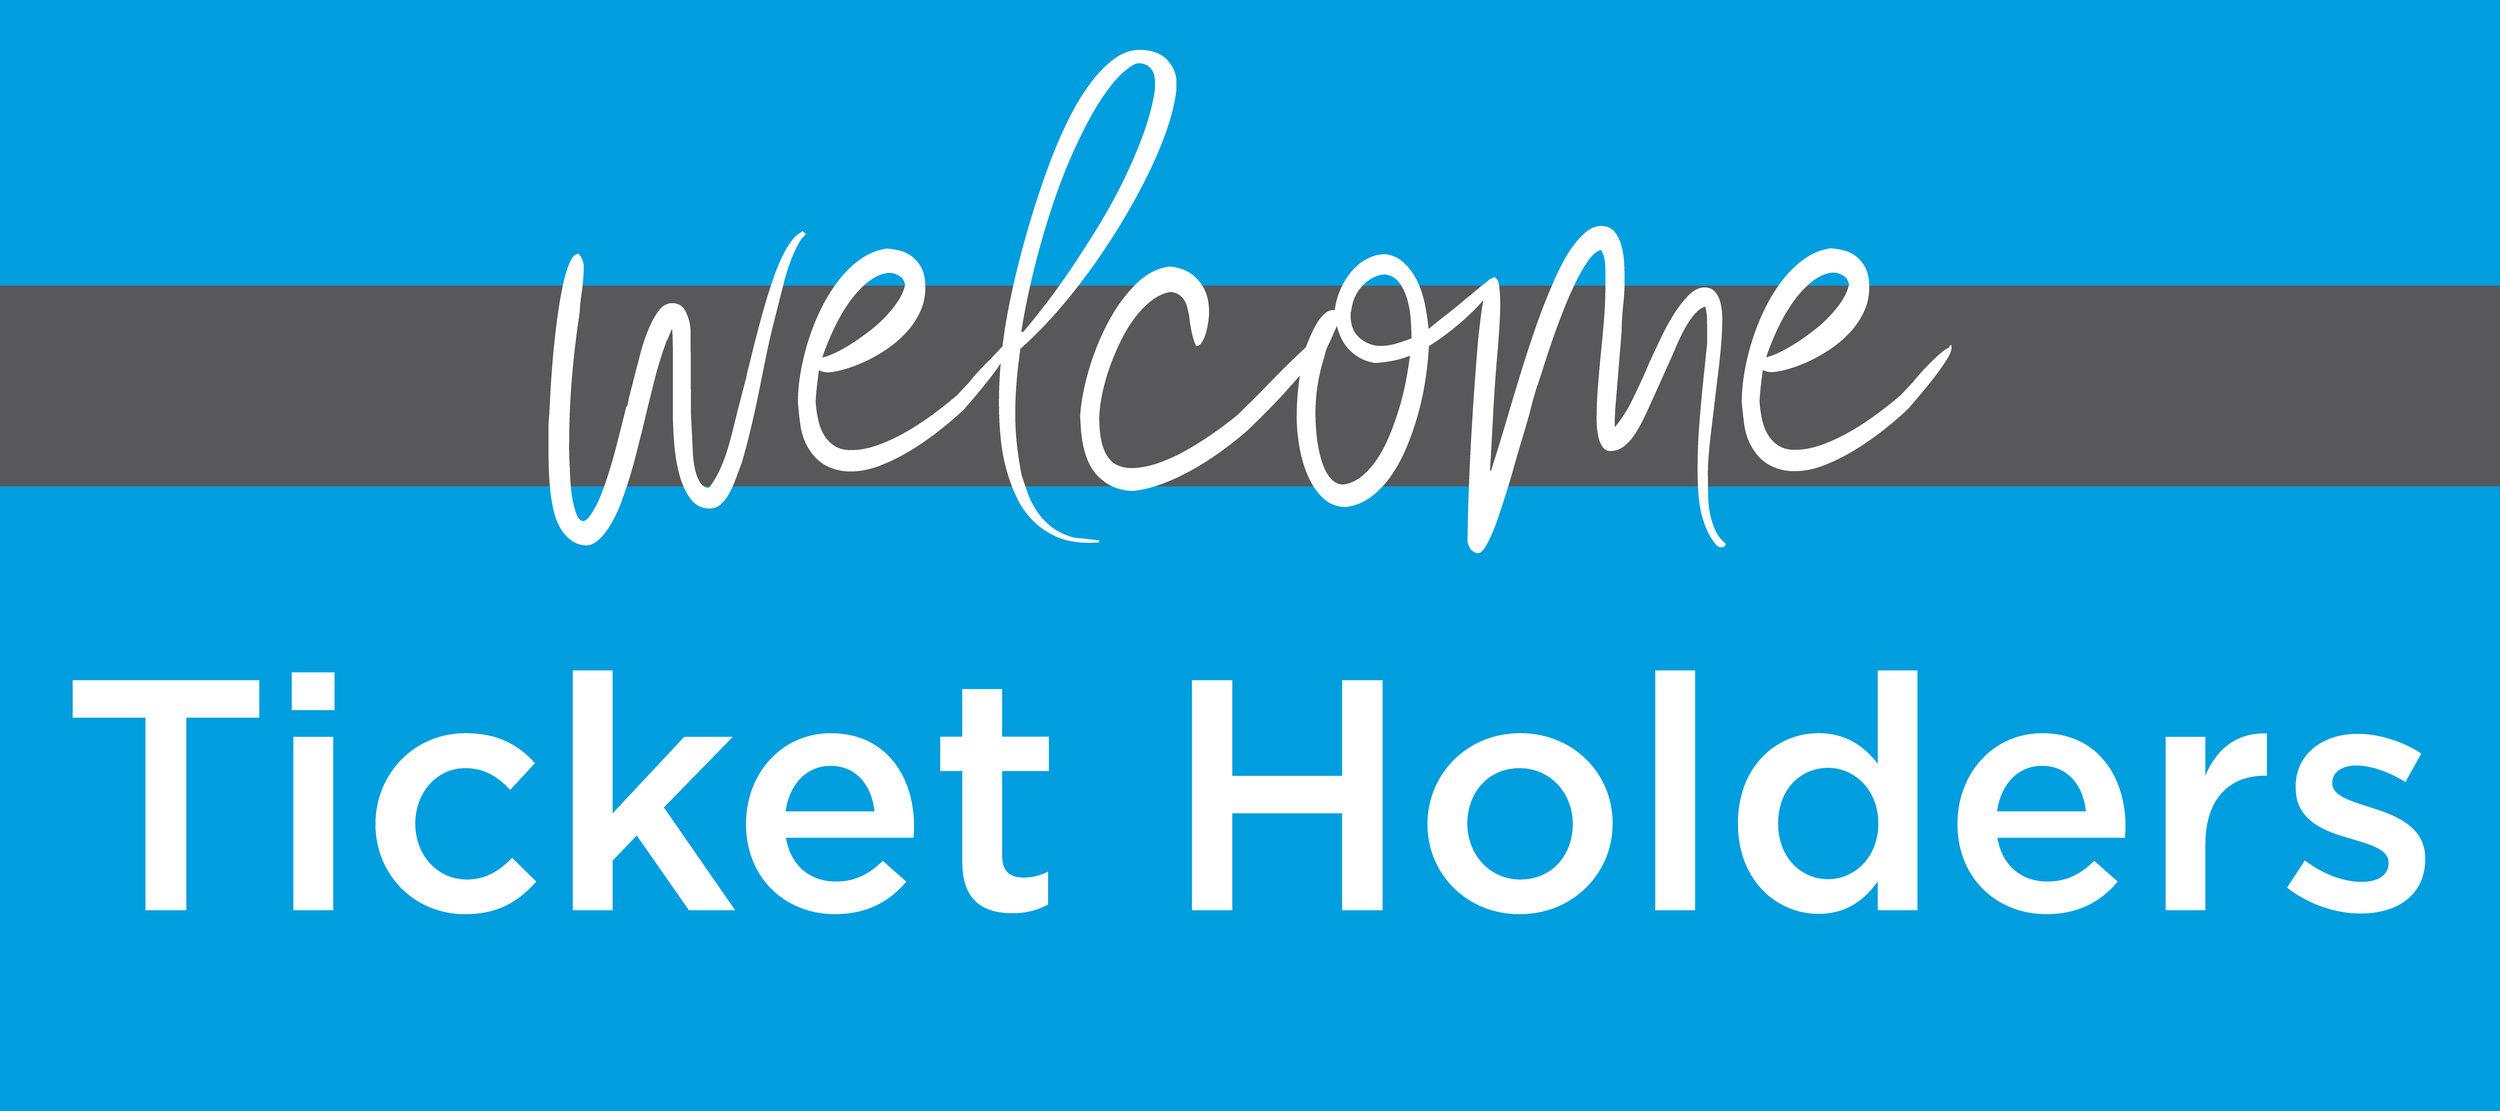 ticket-holders_banner.jpg